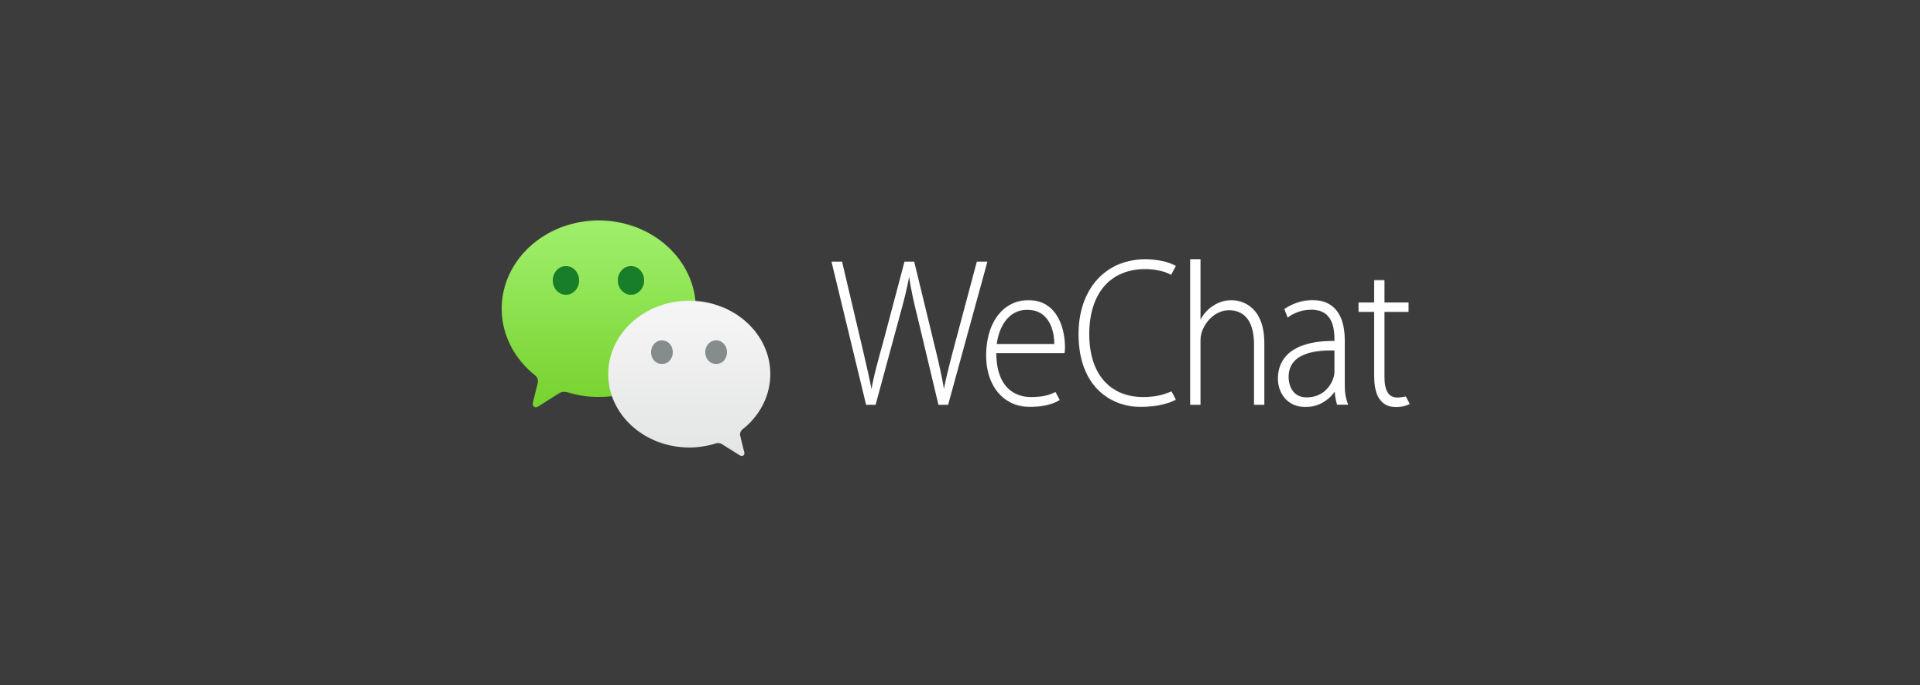 Проблемы при регистрации в Wechat и их решение